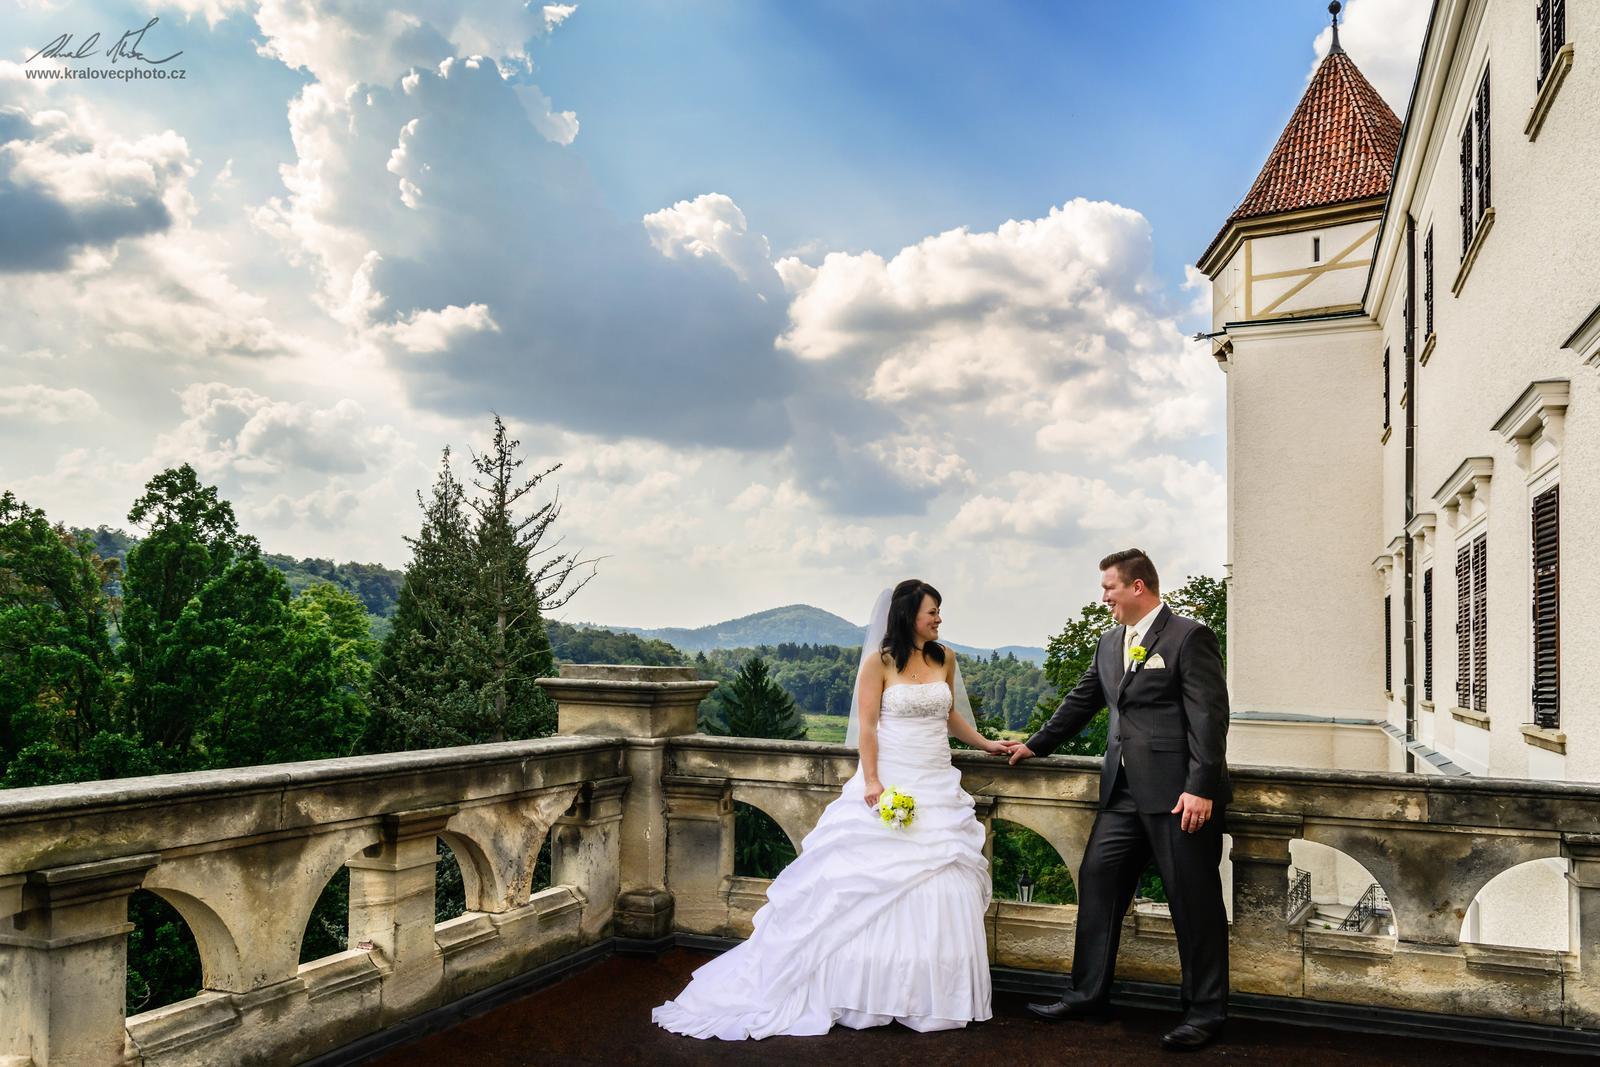 Svatební fotograf Karel Královec - kralovecphoto - Obrázek č. 60